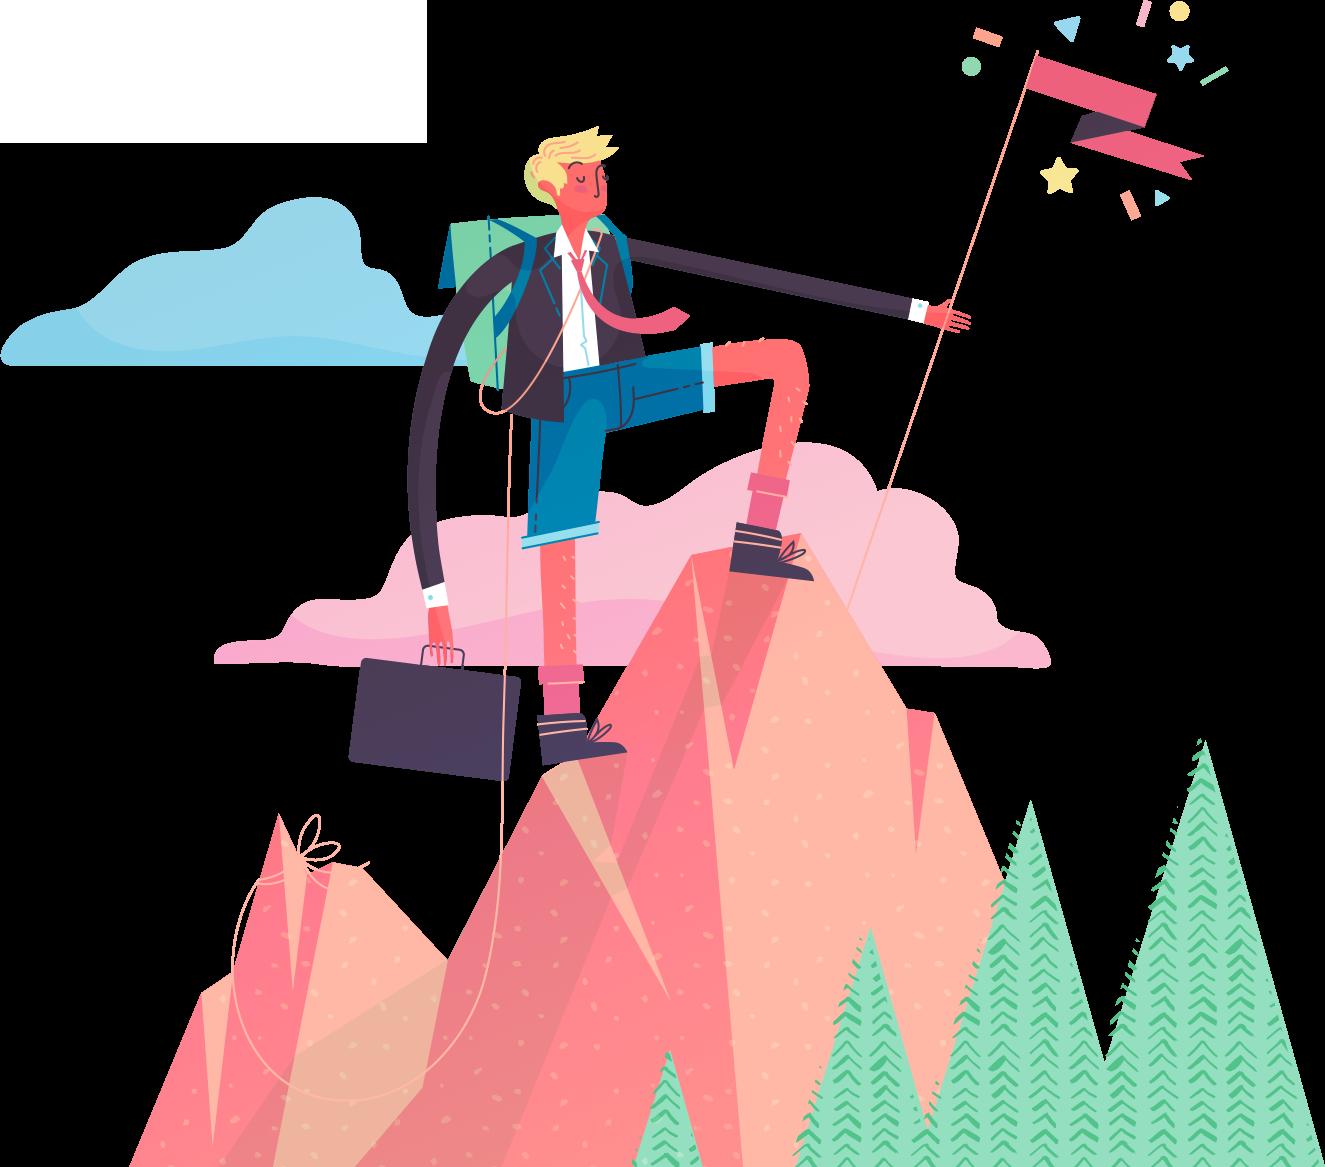 Man climbing a mountain.